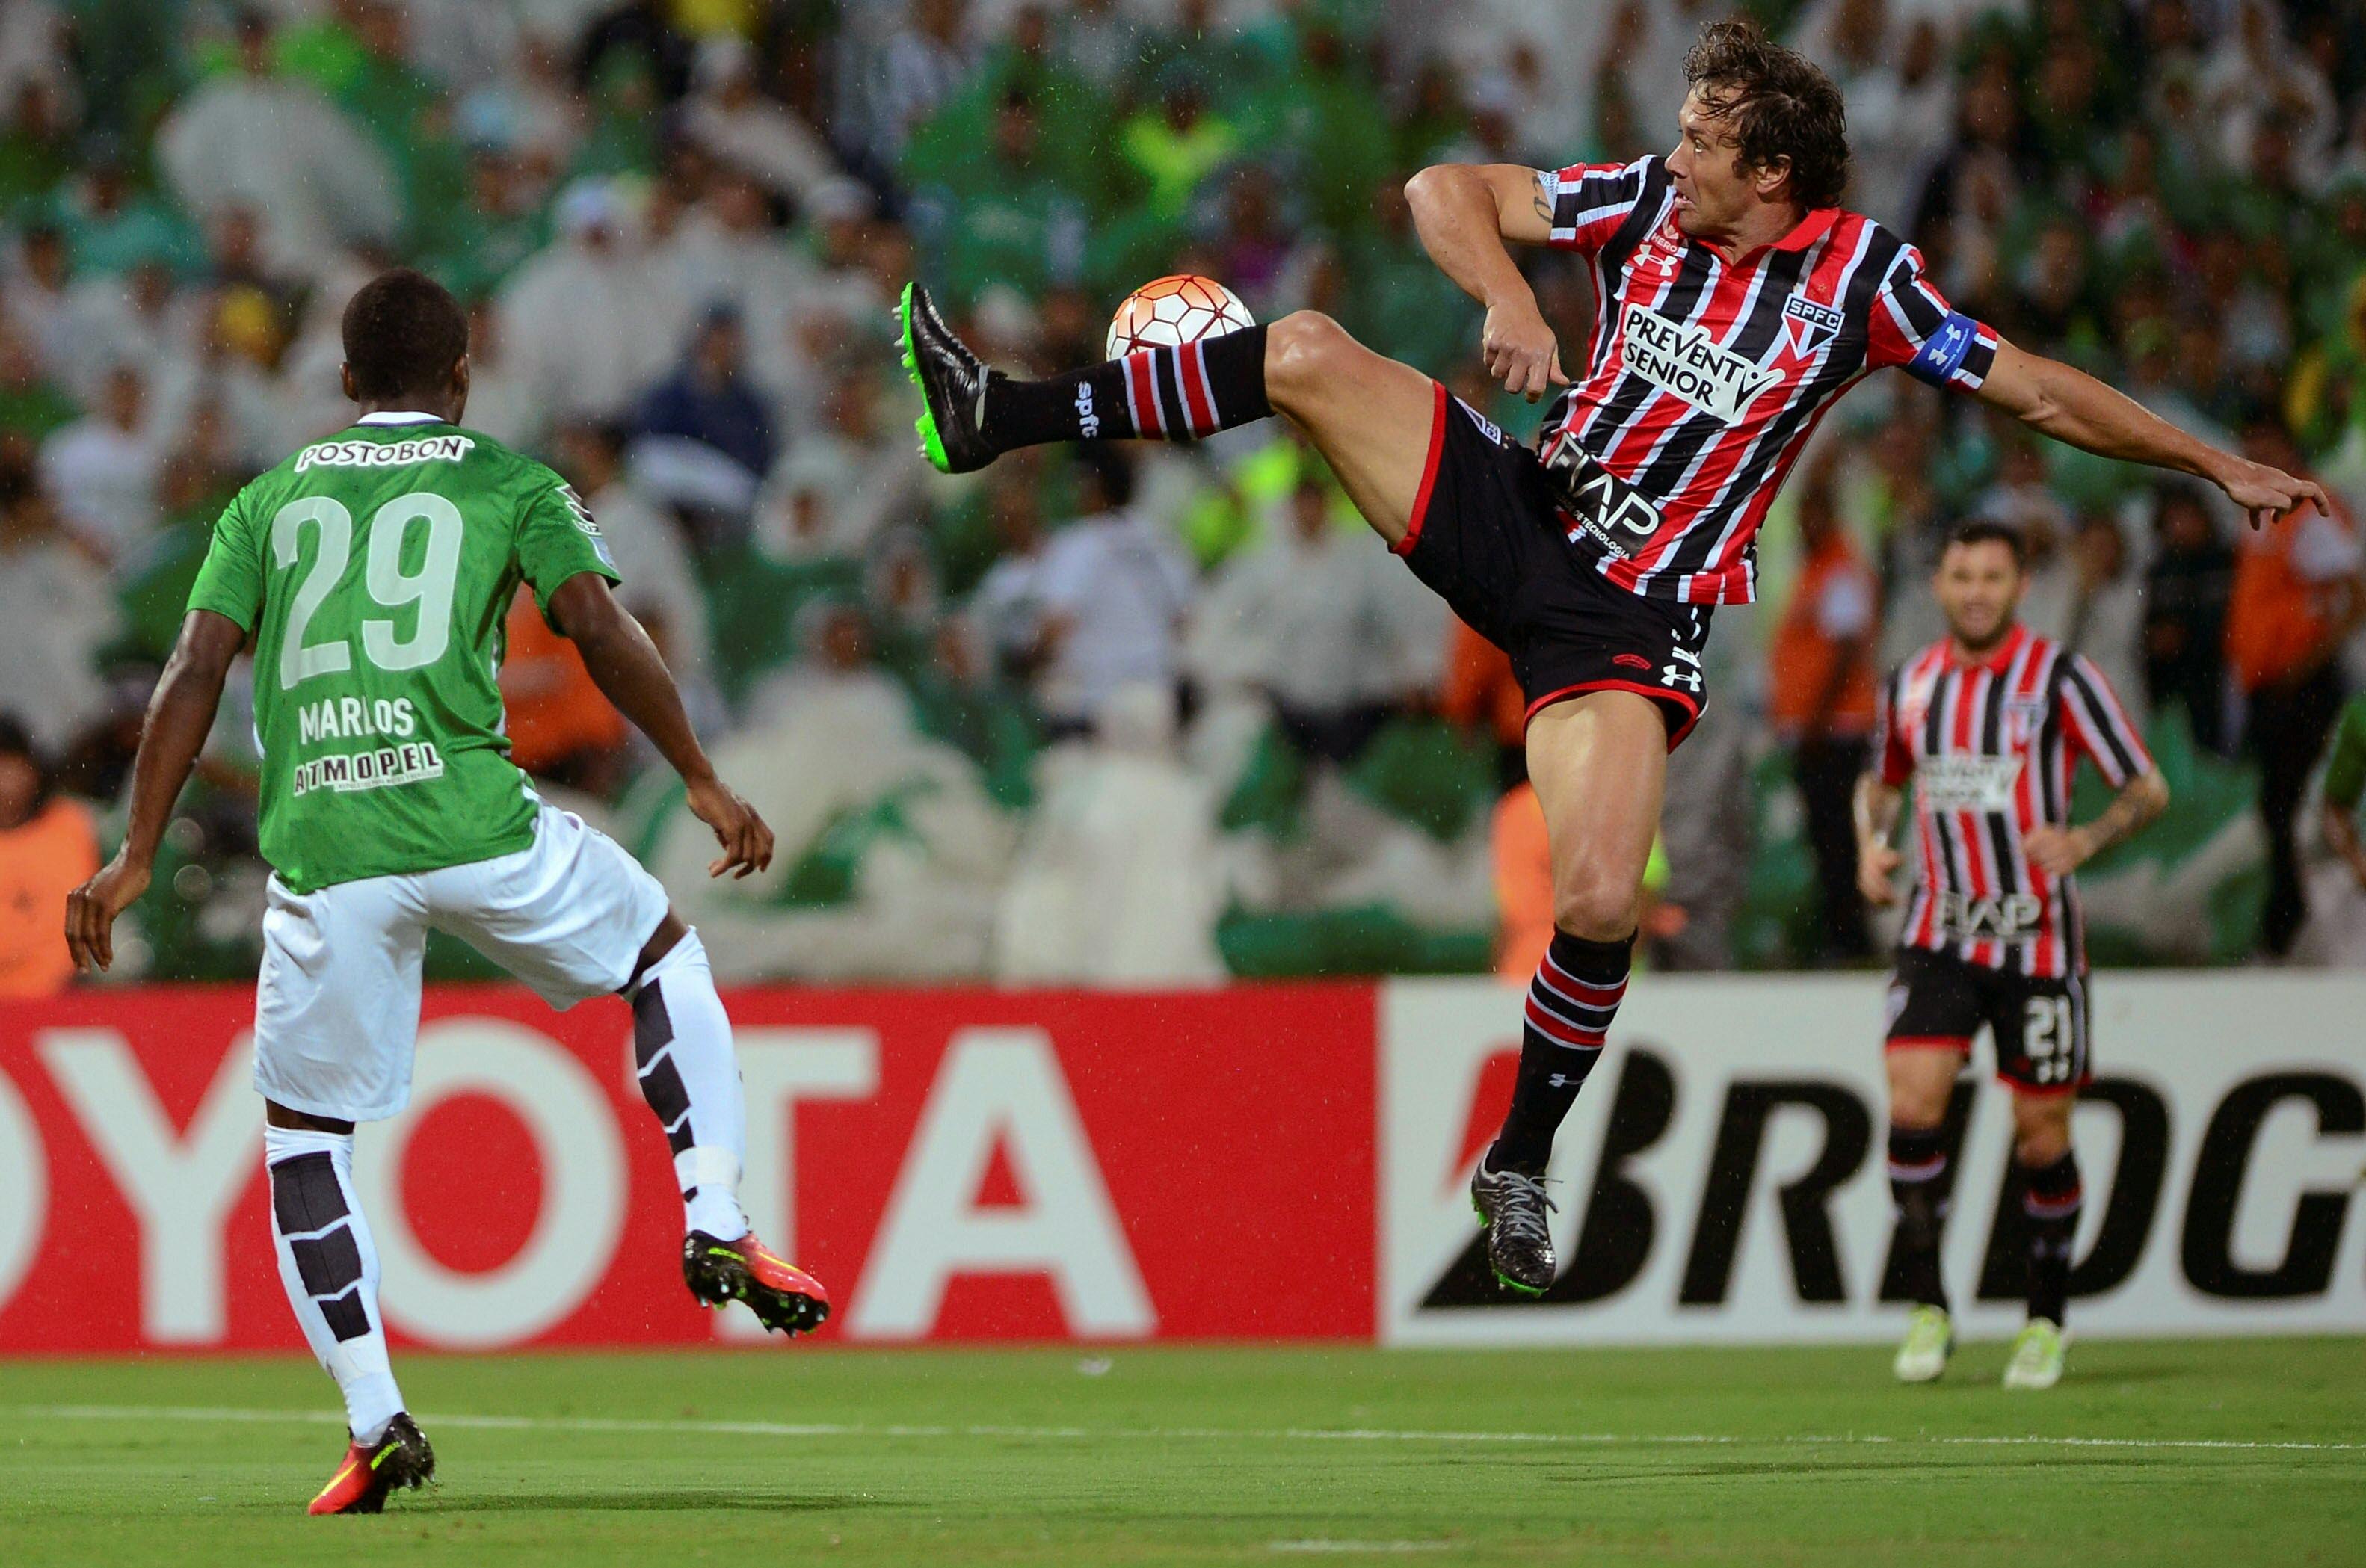 São Paulo Atlético Nacional Copa Libertadores 2016 Diego Lugano